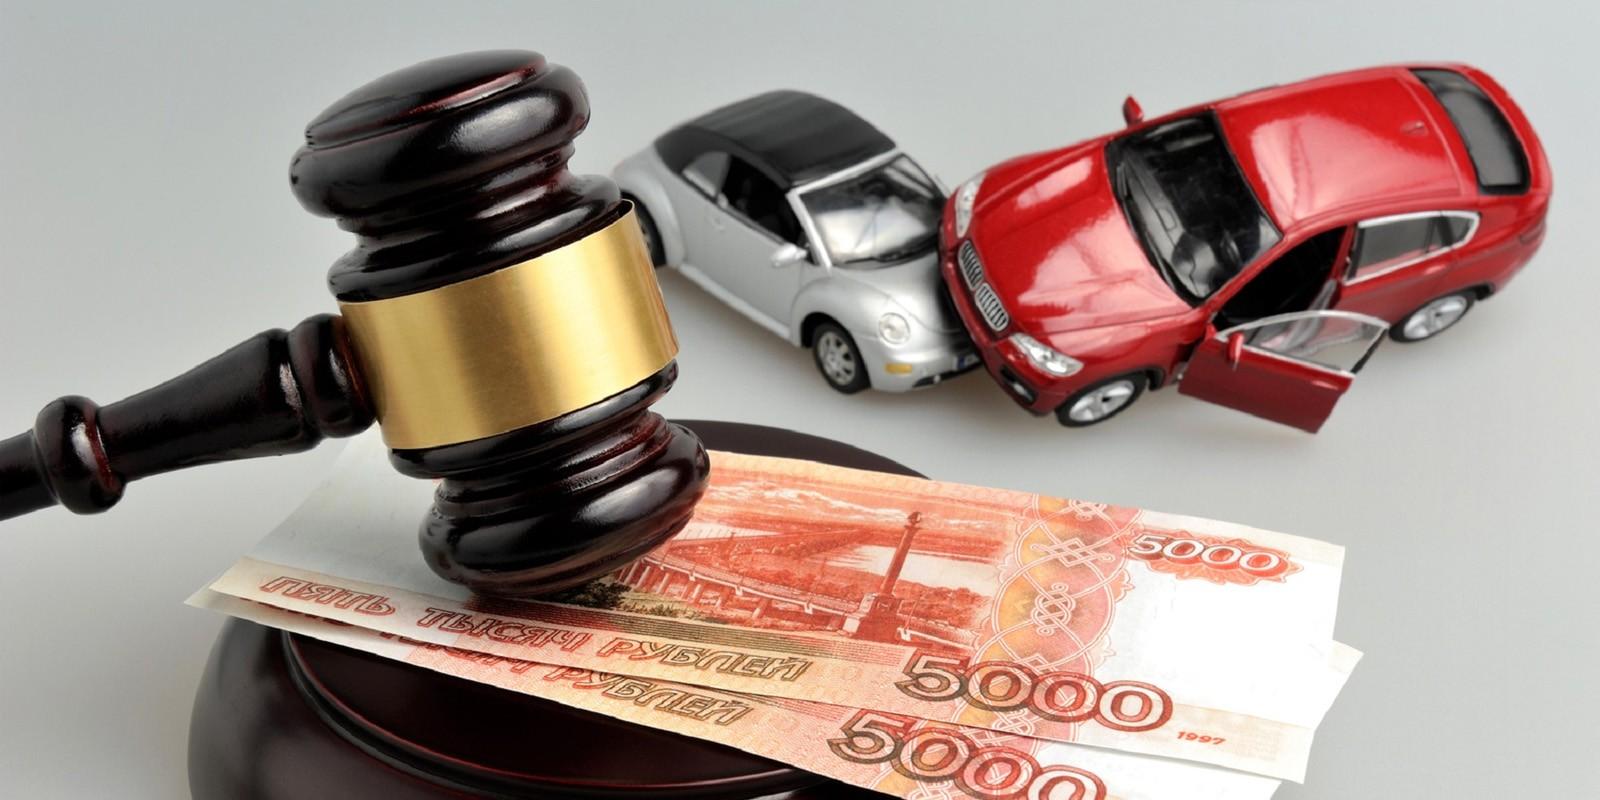 Как получить выплату по ОСАГО деньгами вместо ремонта после ДТП?